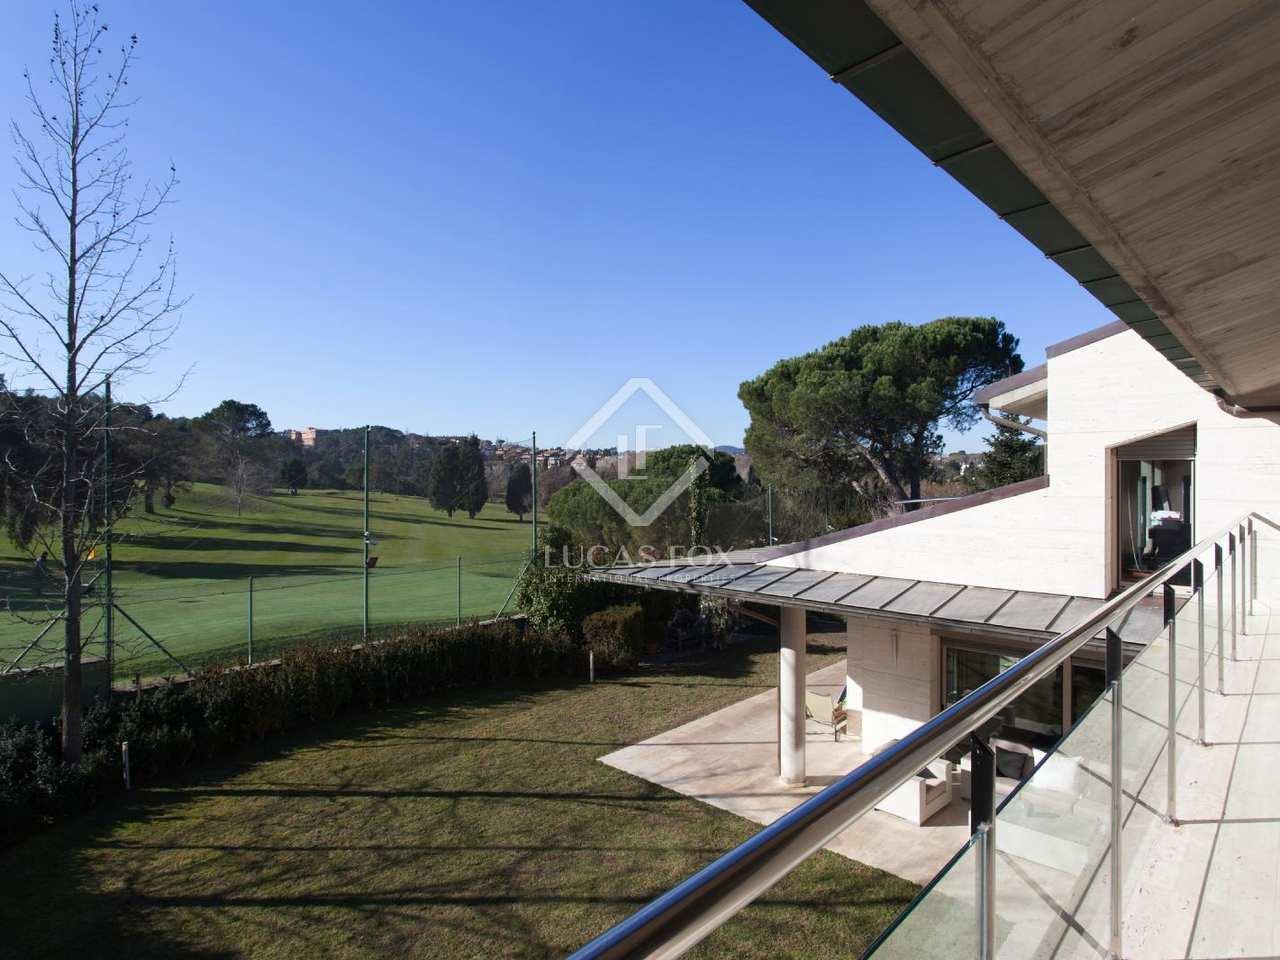 Maison villa de 1 238m a vendre sant cugat barcelone - Piscines sant cugat ...